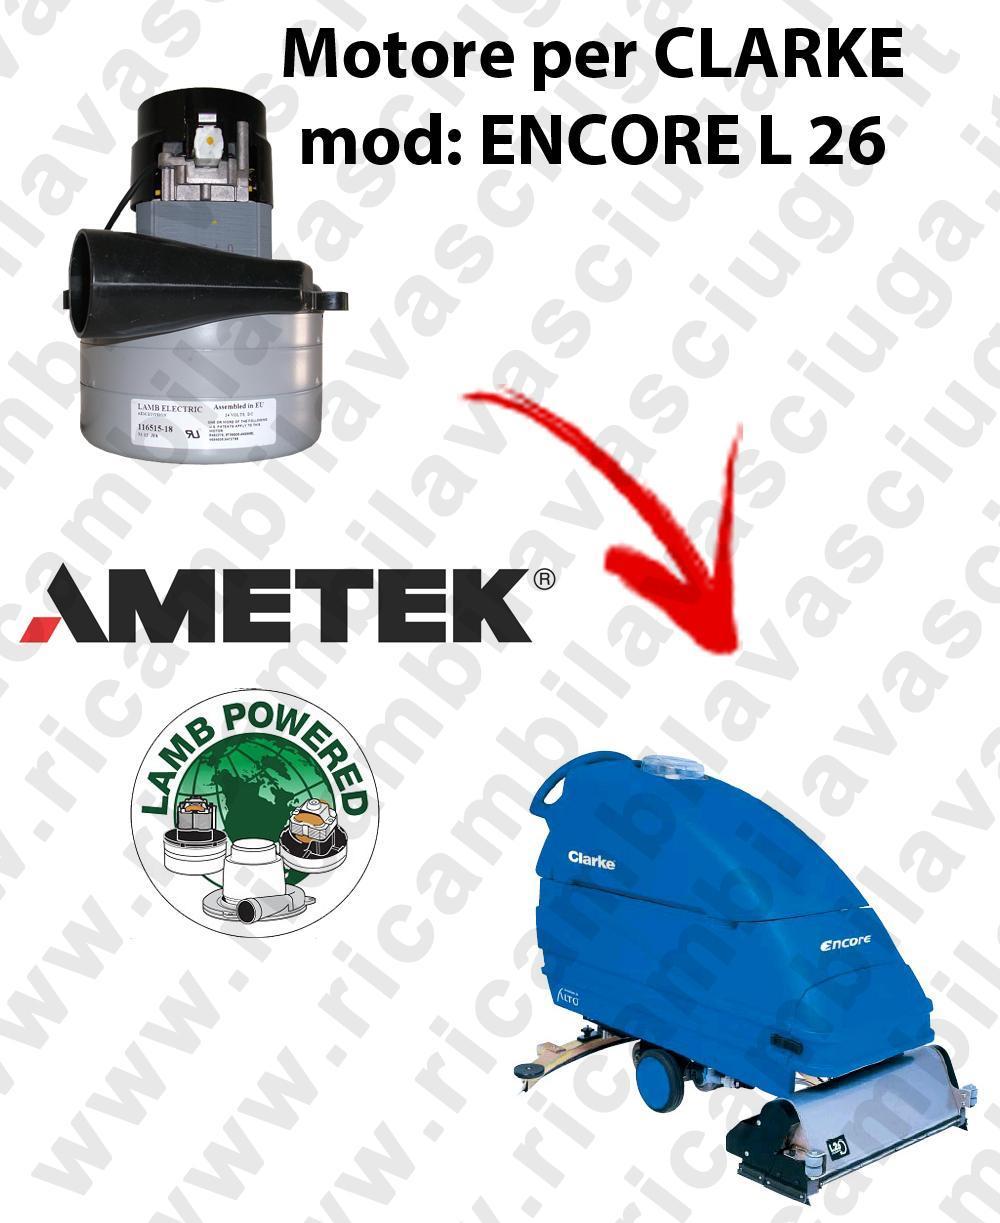 ENCORE L 26 Saugmotor LAMB AMETEK für scheuersaugmaschinen CLARKE